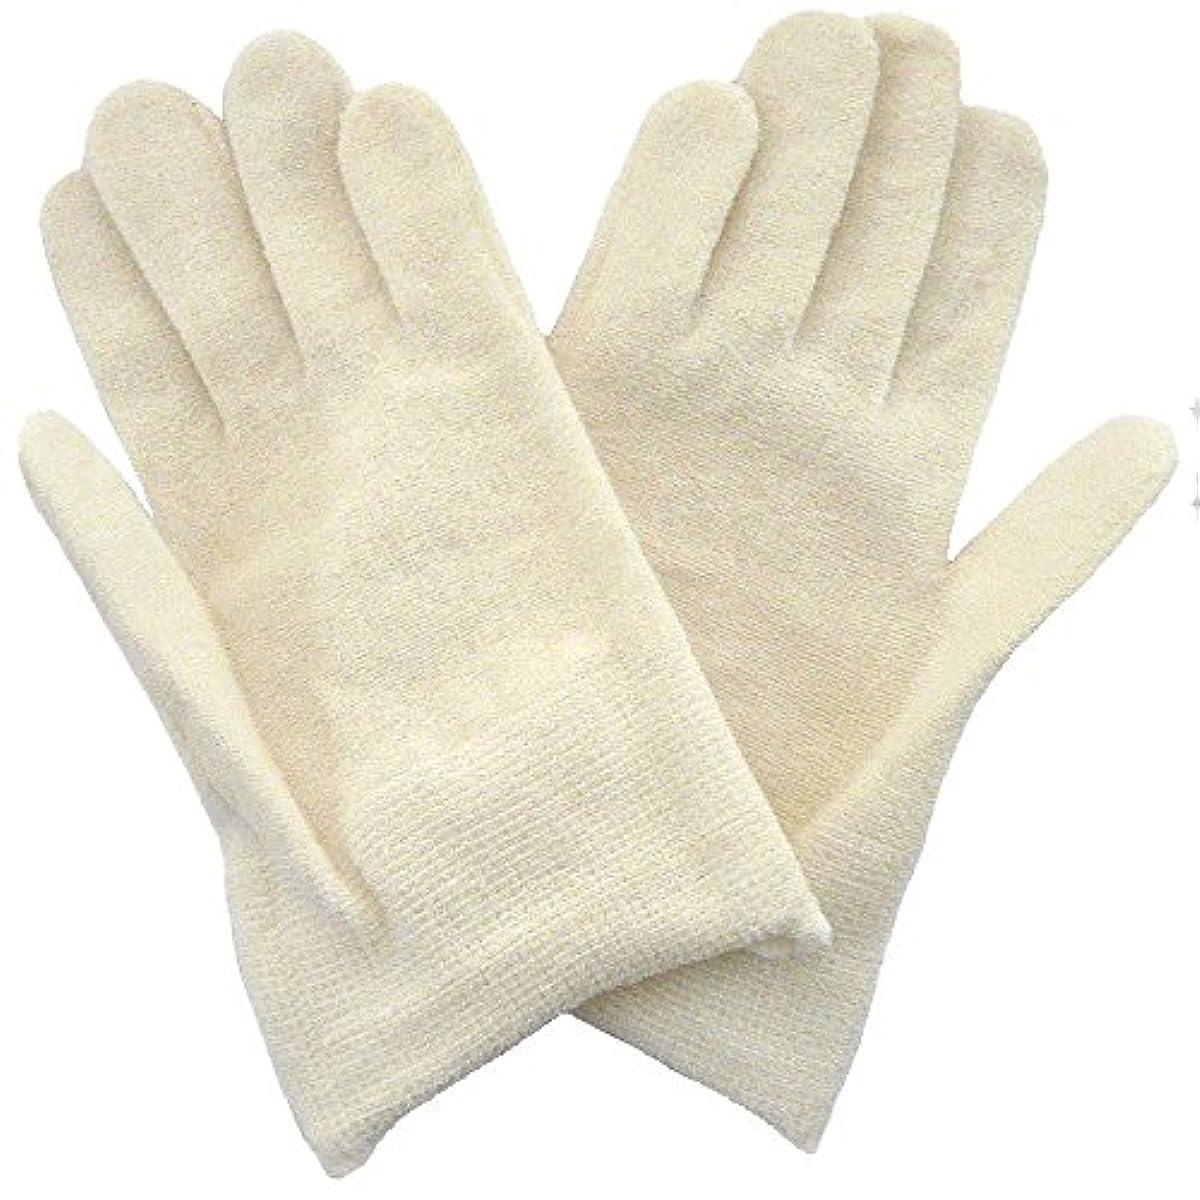 悪化する中庭式【アトピー】【水疱瘡】【皮膚炎】 ナノミックス おやすみ手袋:キッズ用 アイボリー